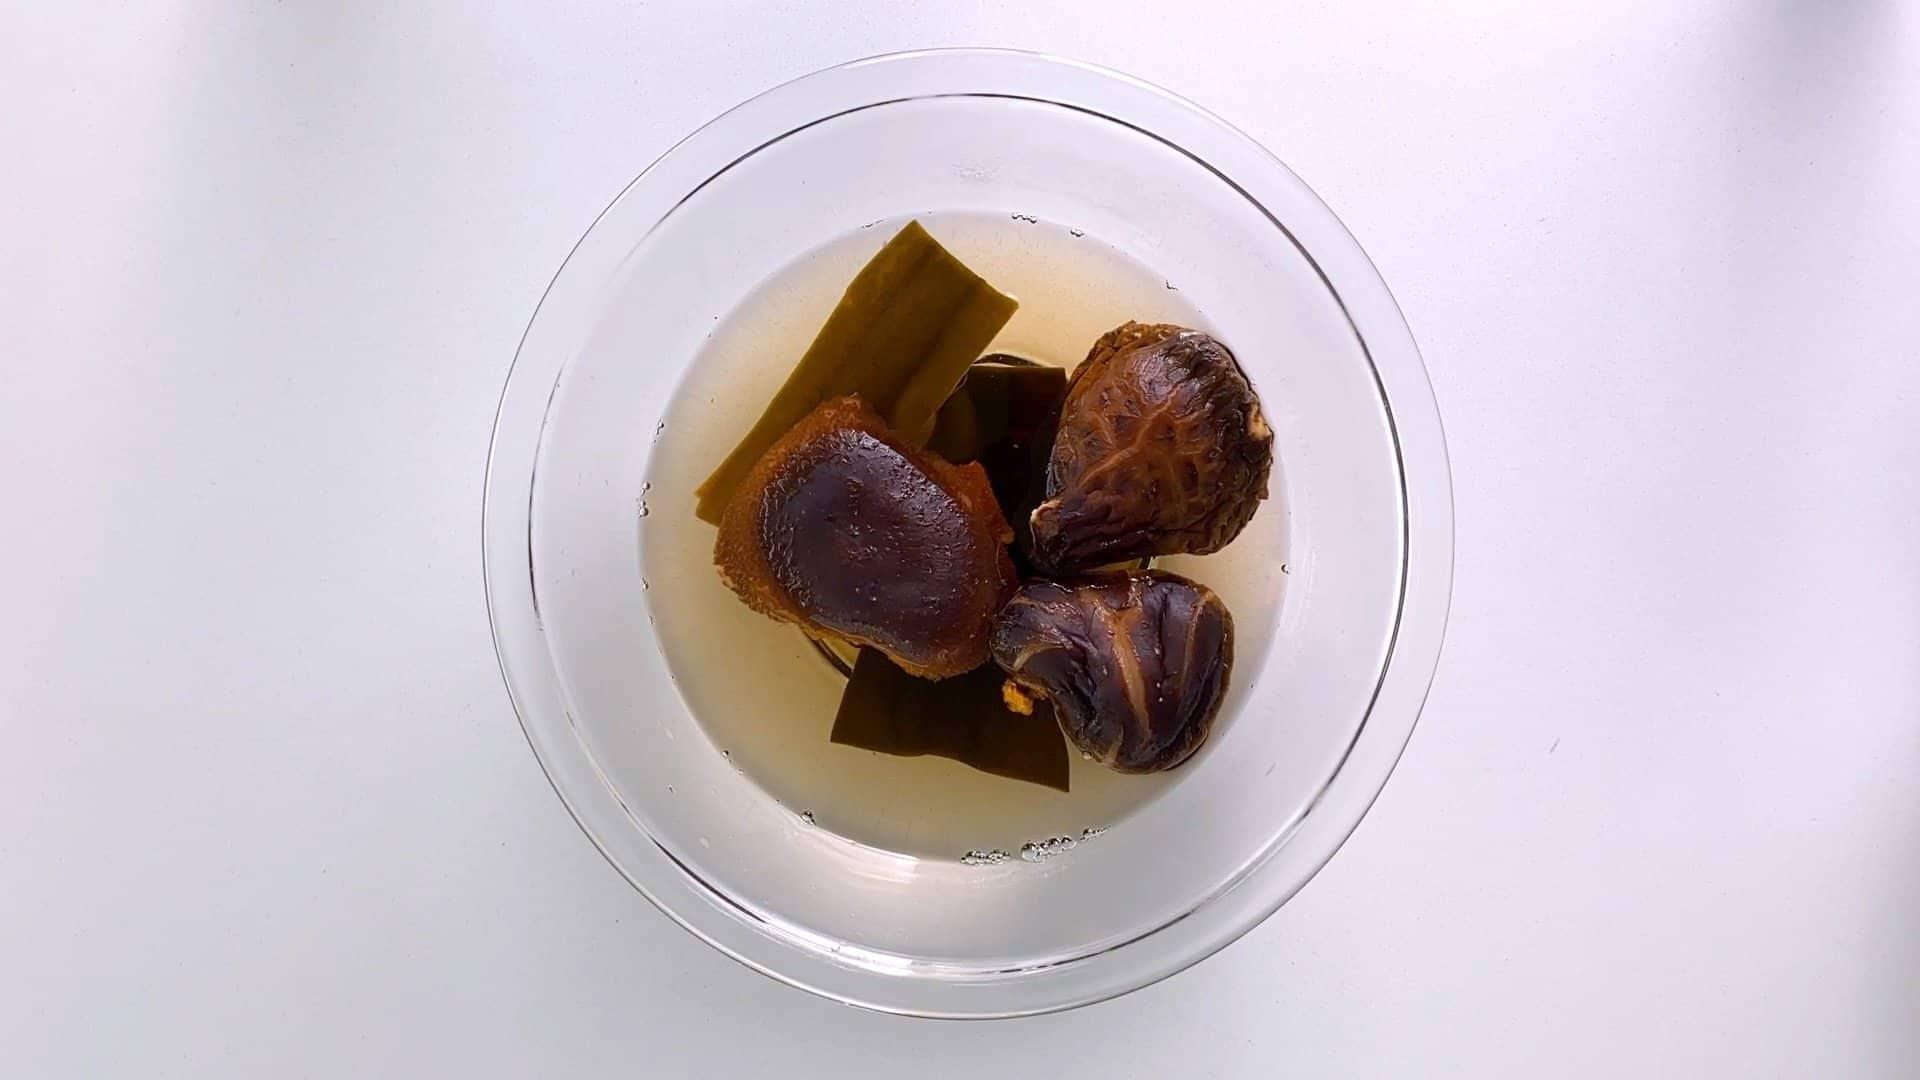 Rehydrating shiitake mushrooms and konbu to make vegan dashi stock.